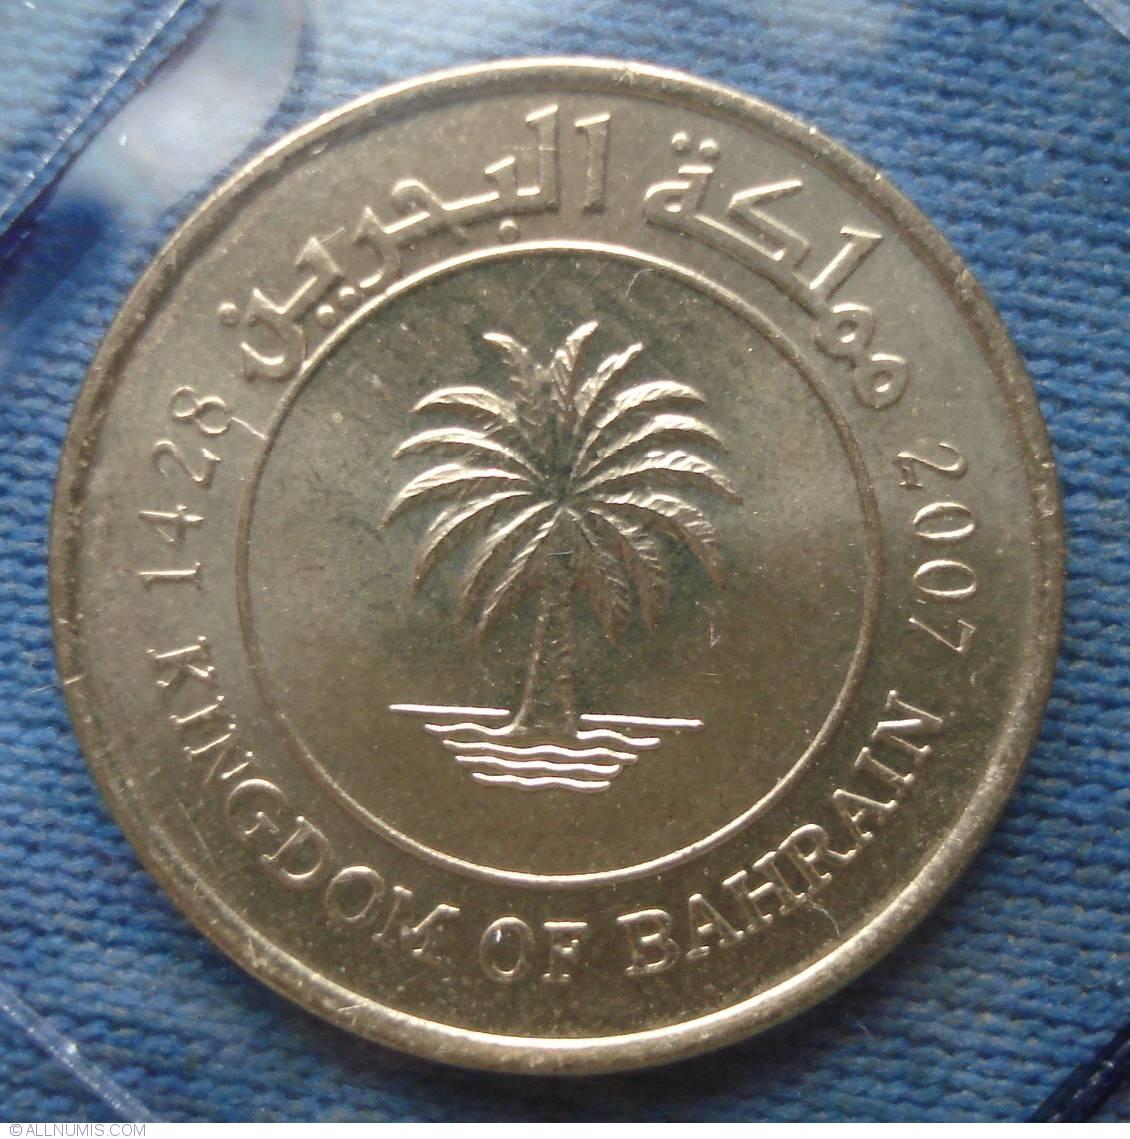 5-100 fils 2007-2008 UNC Bahrain set of 5 coins